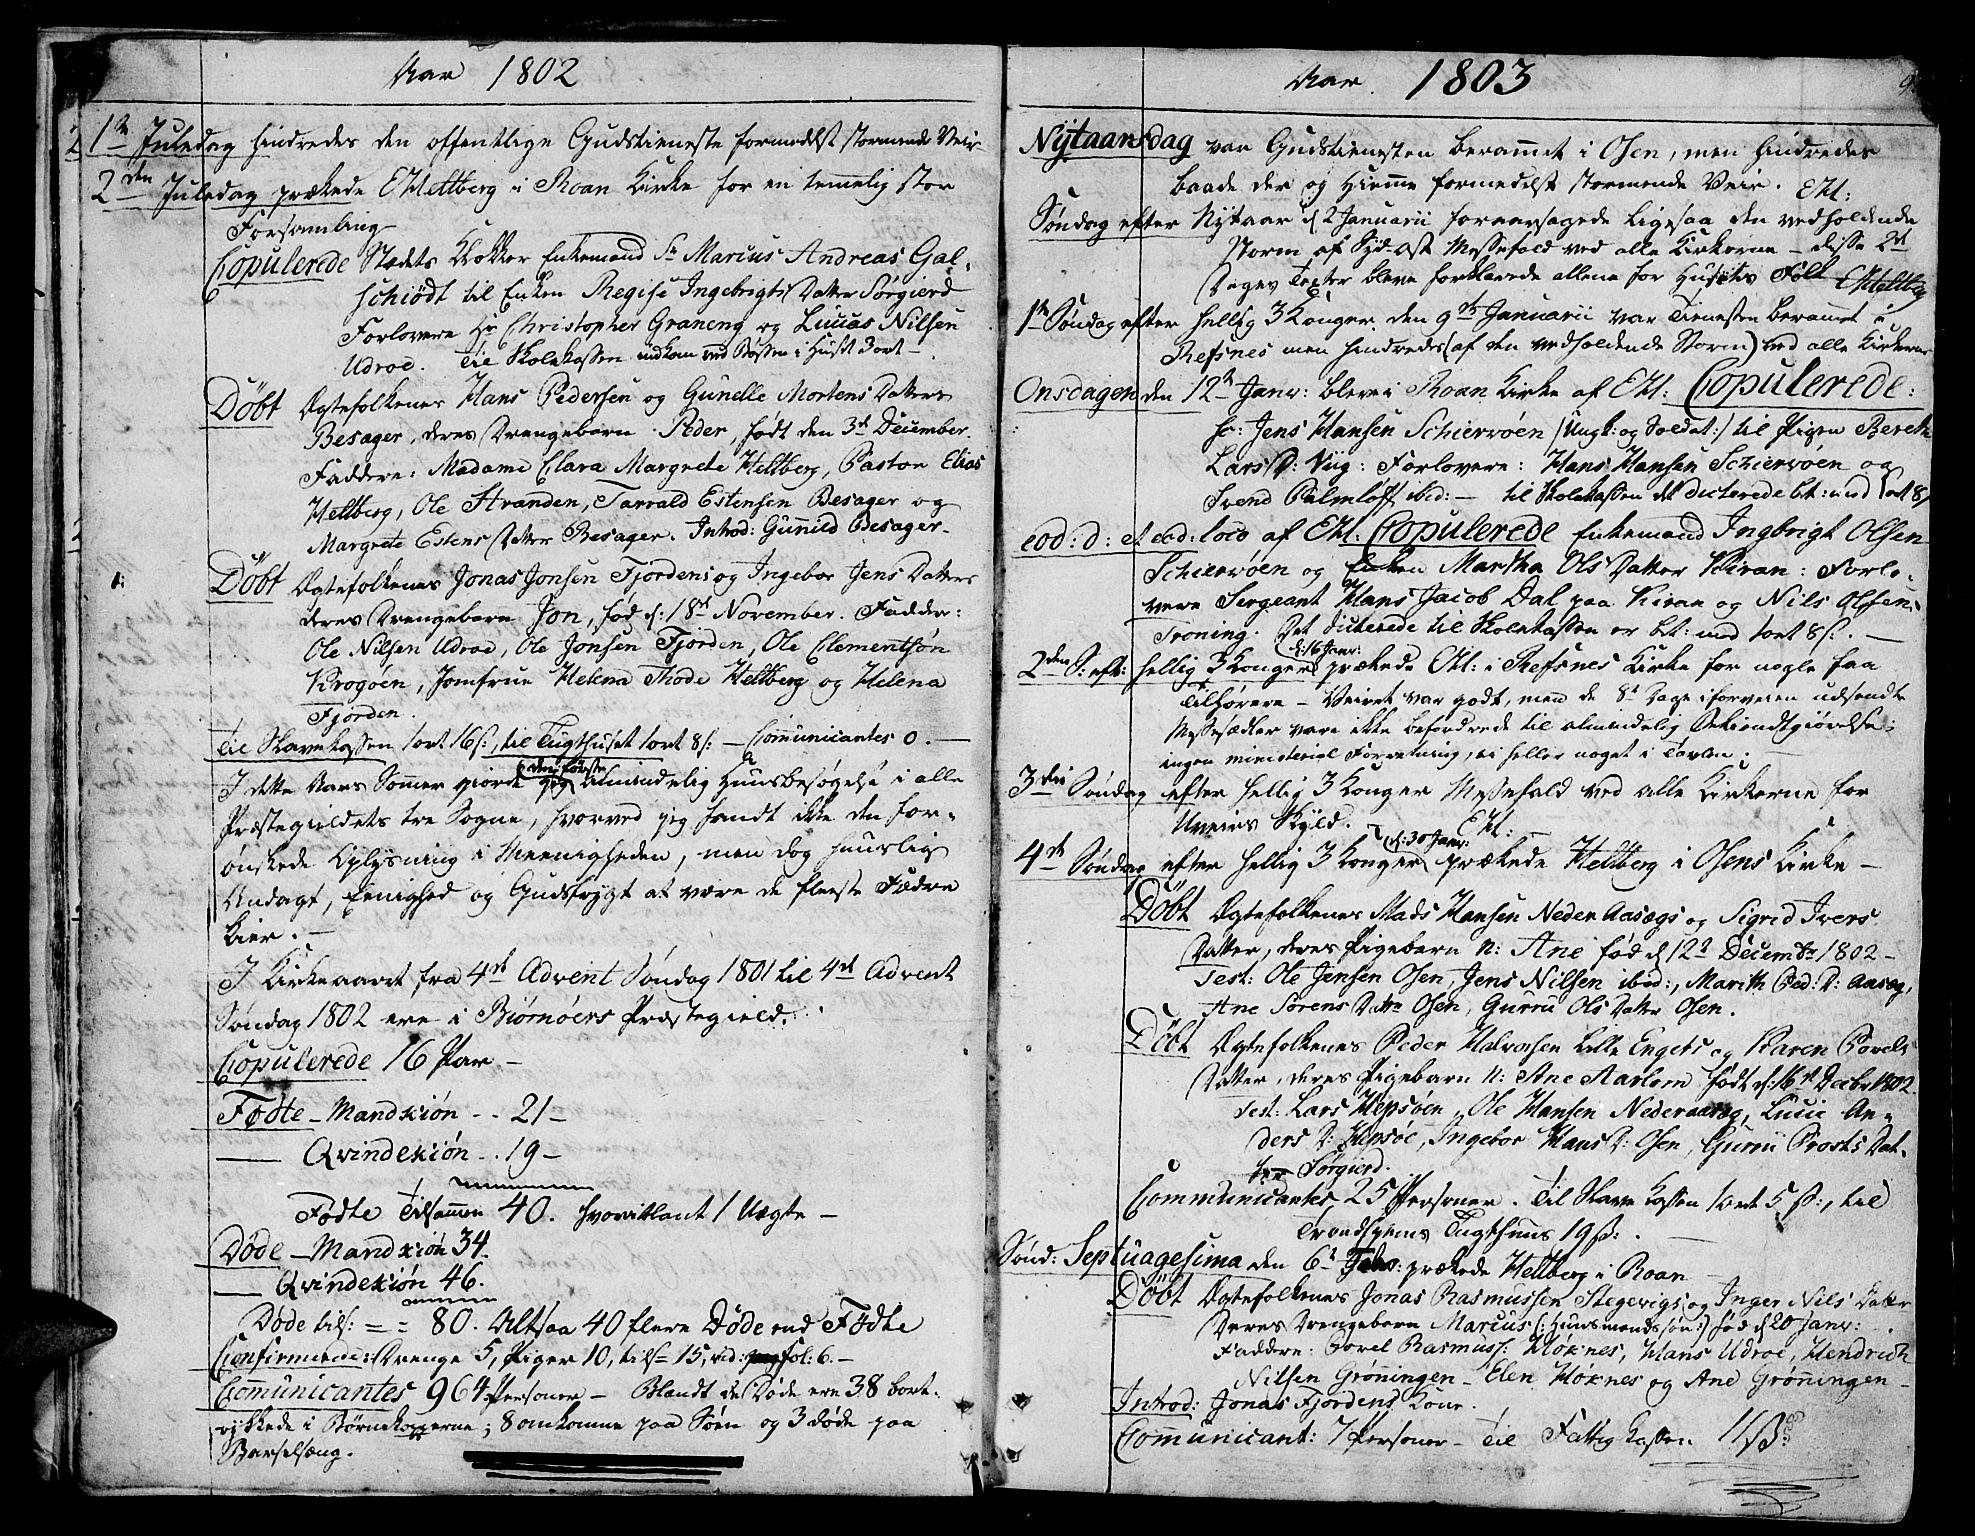 SAT, Ministerialprotokoller, klokkerbøker og fødselsregistre - Sør-Trøndelag, 657/L0701: Ministerialbok nr. 657A02, 1802-1831, s. 9